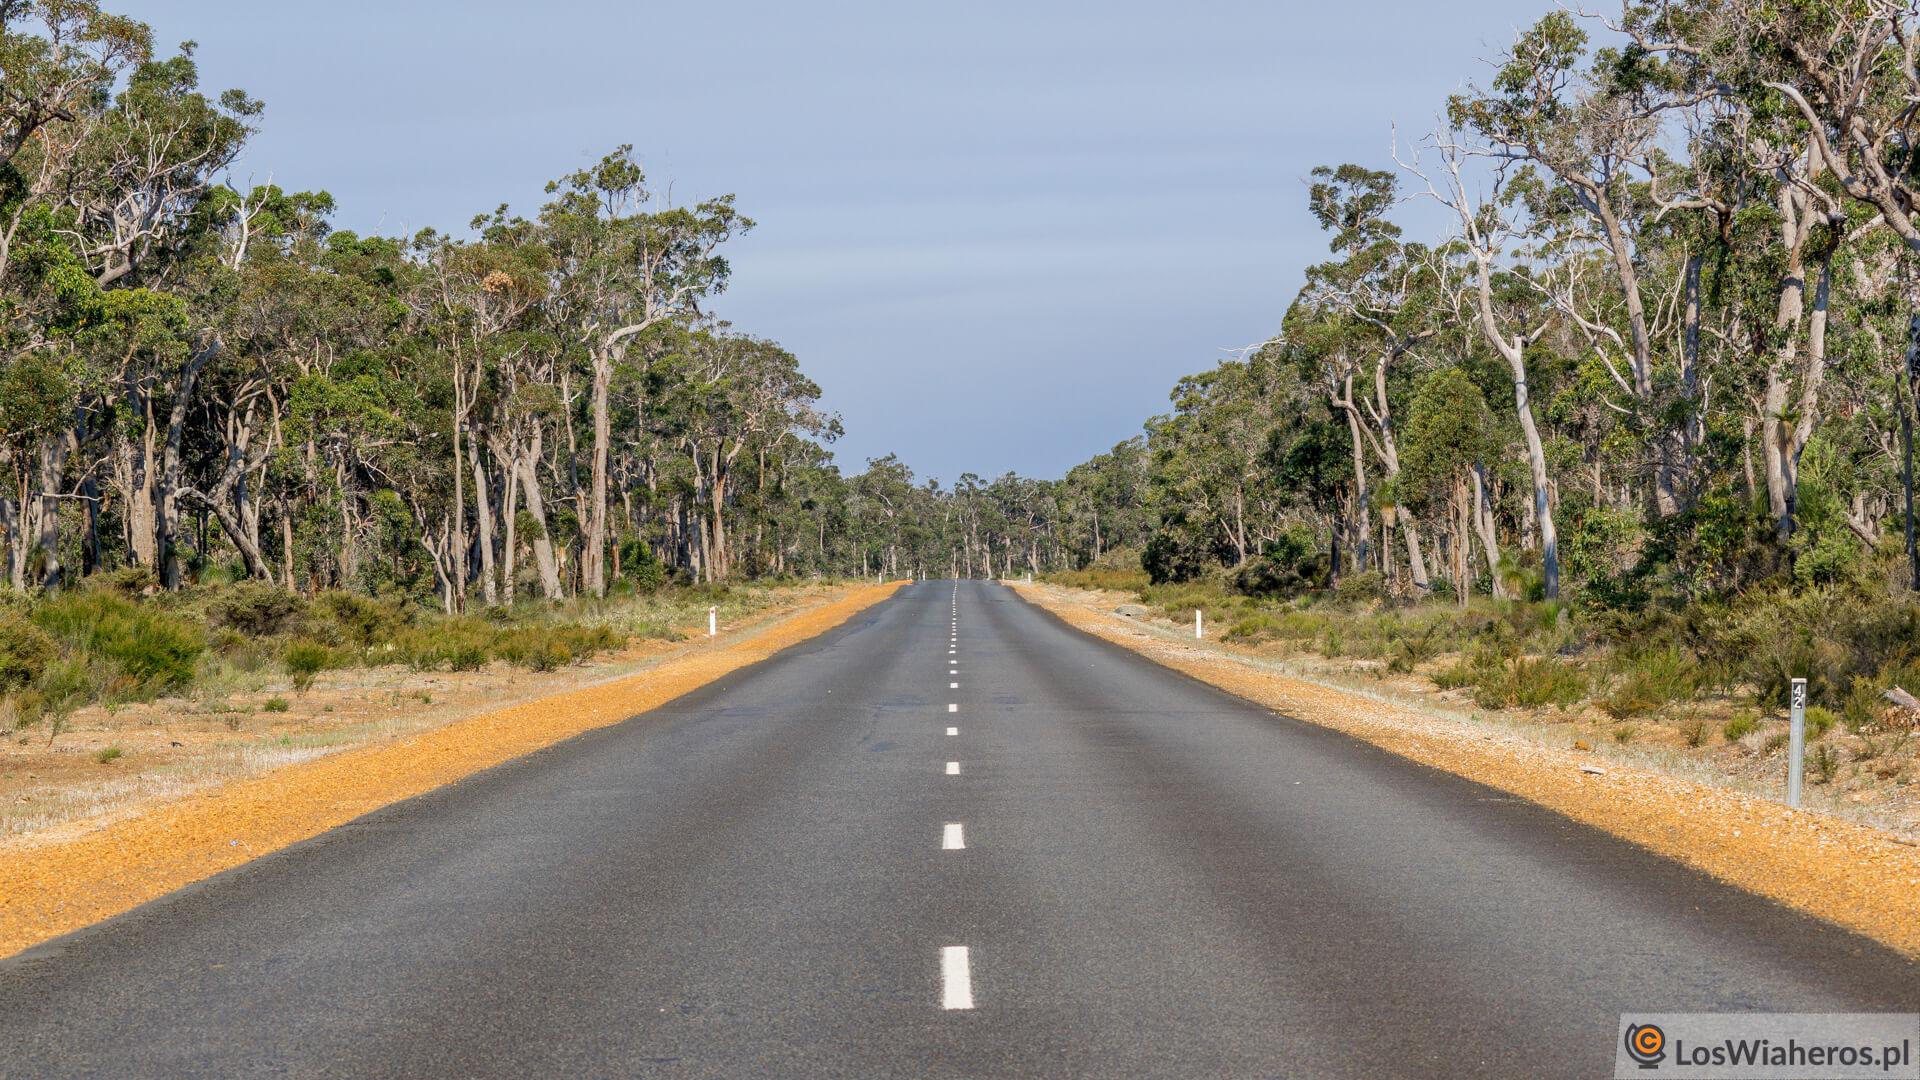 Nie wiadomo, co przyniesie droga za kilkadziesiąt kilometrów. Tutaj ładnie i spokojnie, żeby za chwilę...